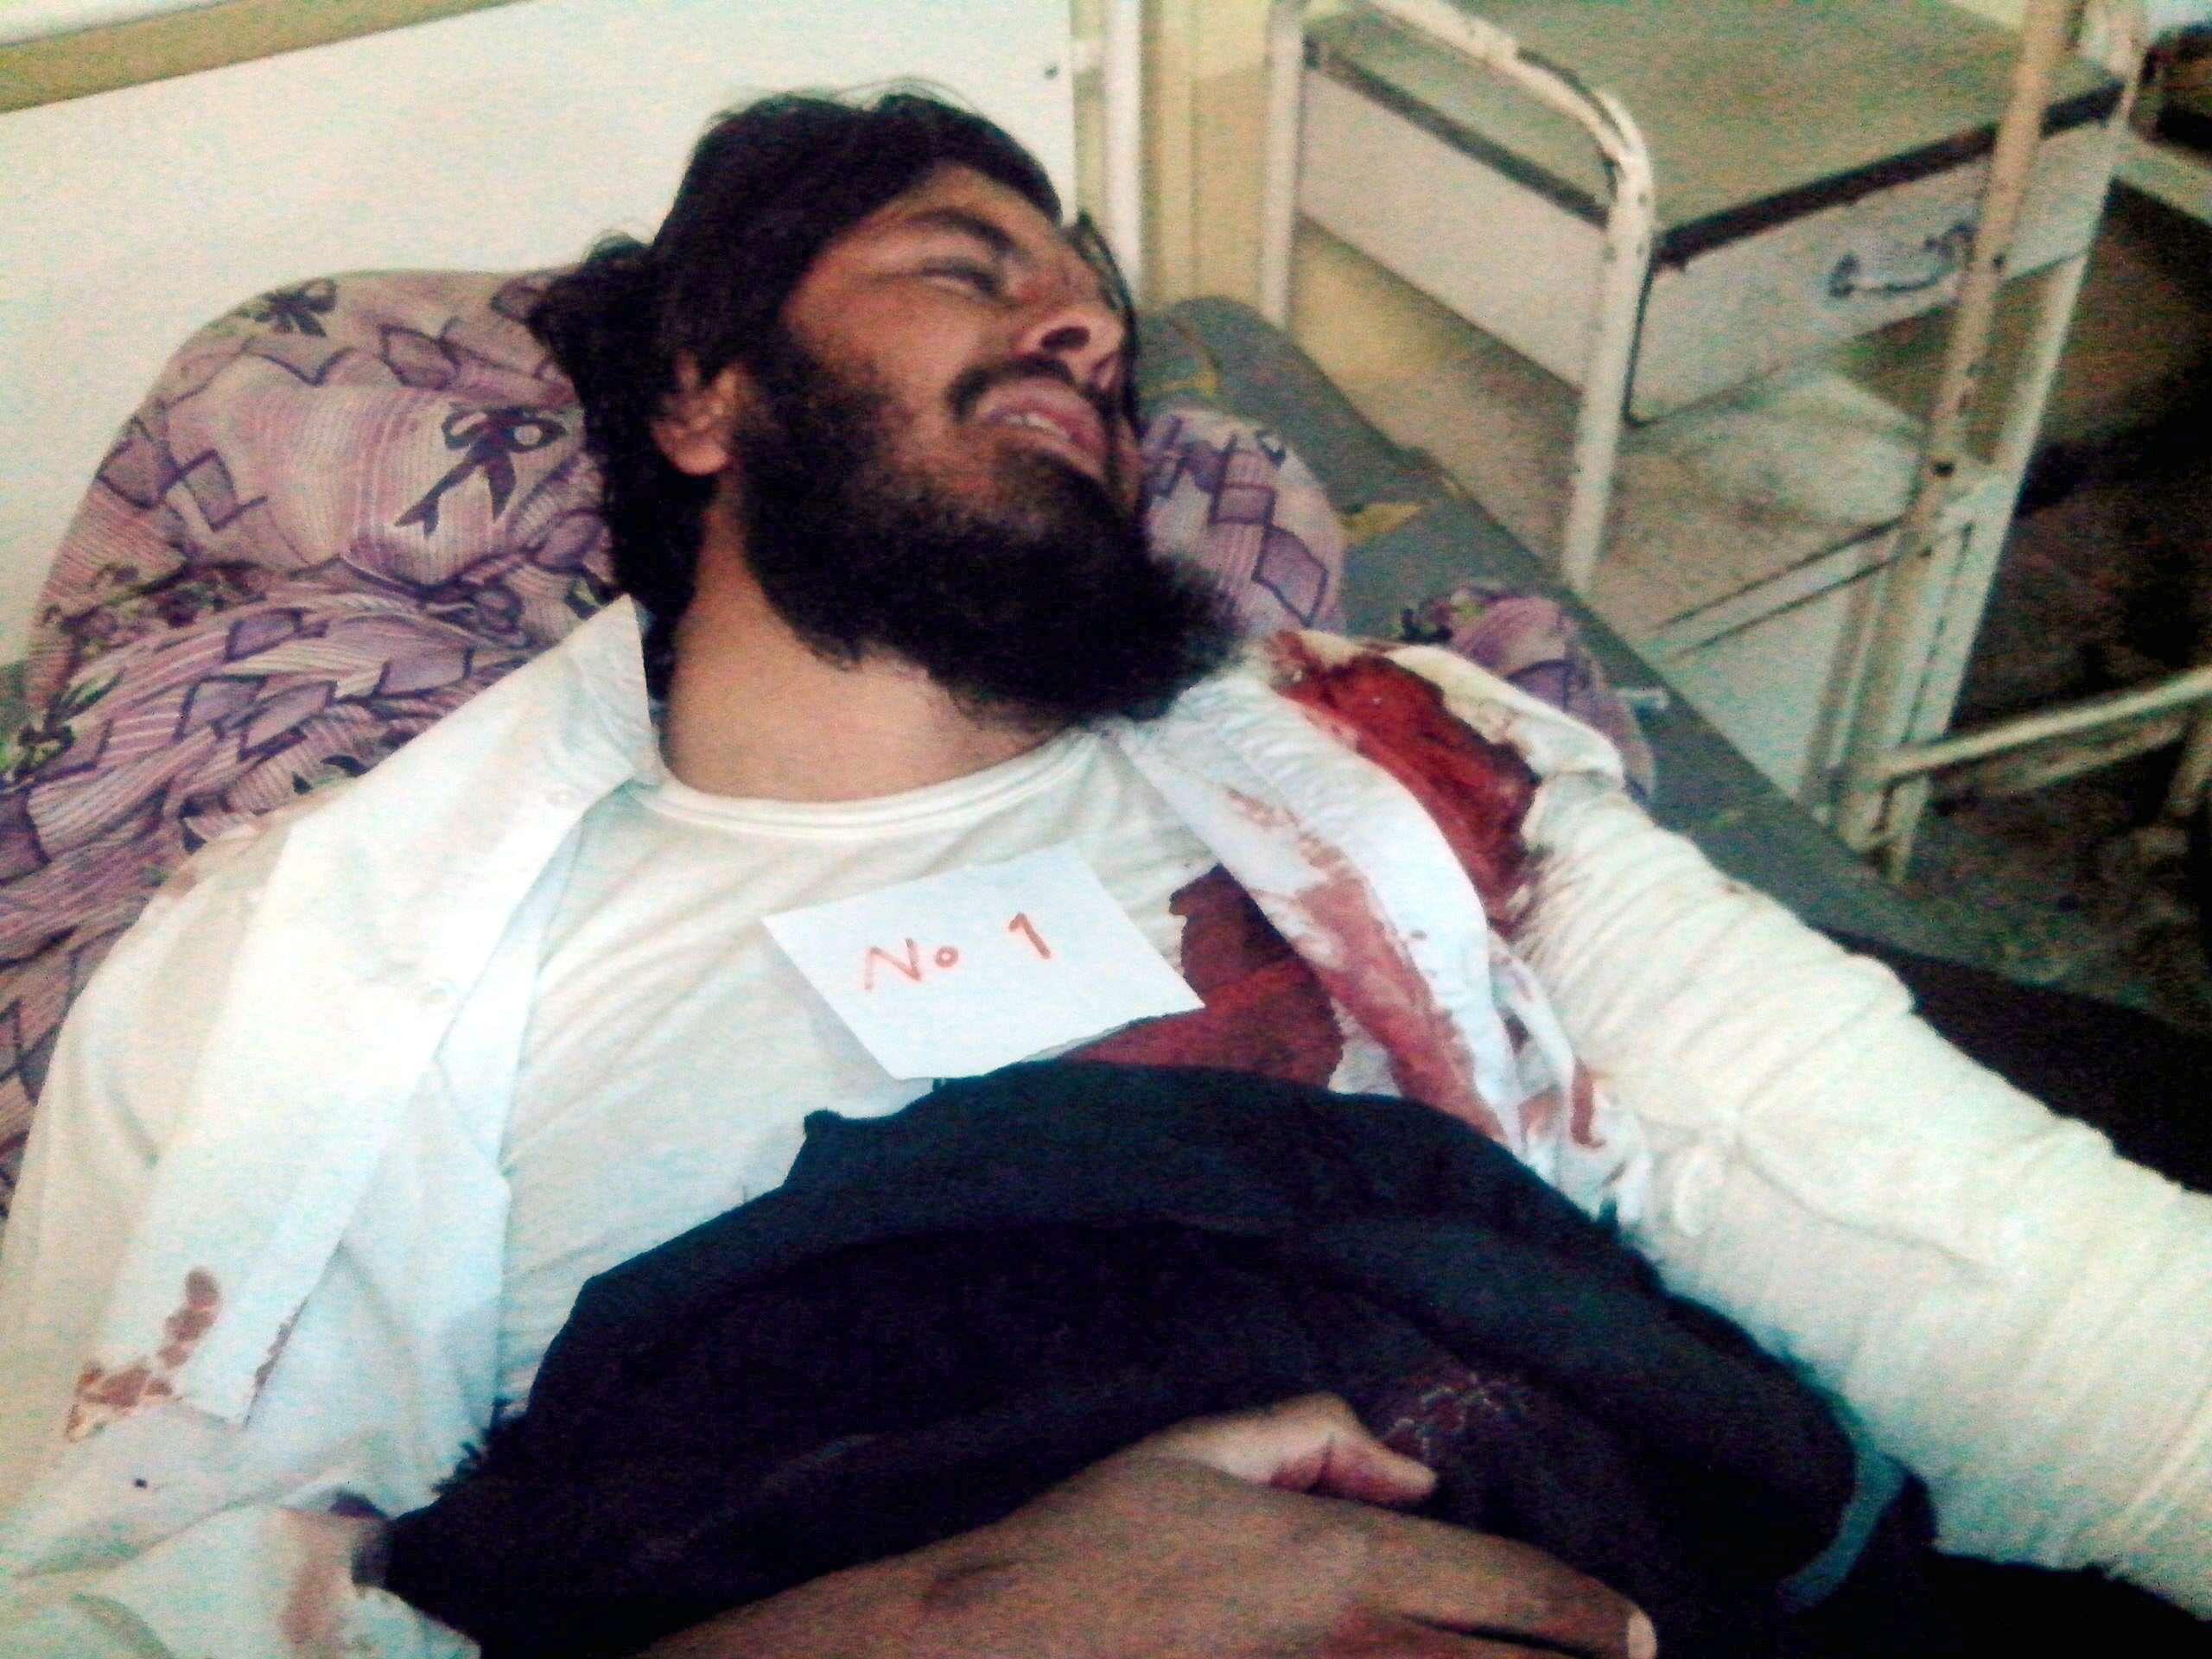 Un hombre herido en el ataque suicida recibe atención médica en un hospital de Paktika, Afganistán. Foto: EFE en español